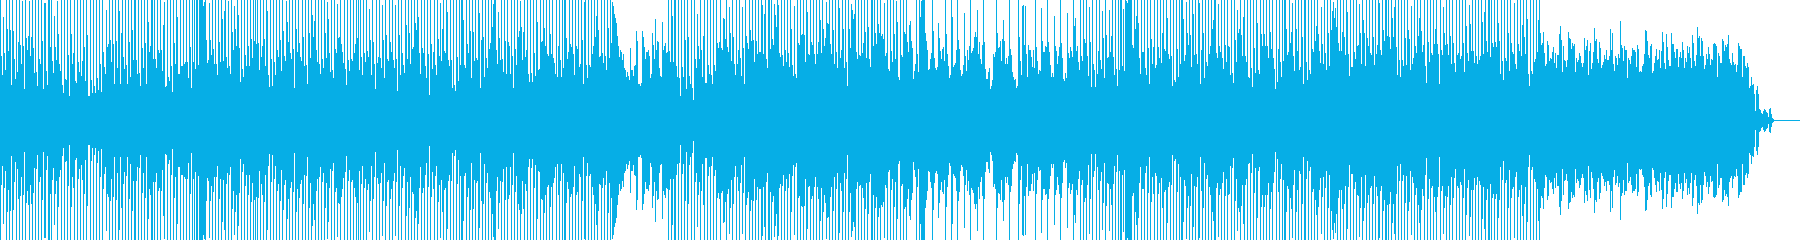 切ないダンスミュージックの再生済みの波形